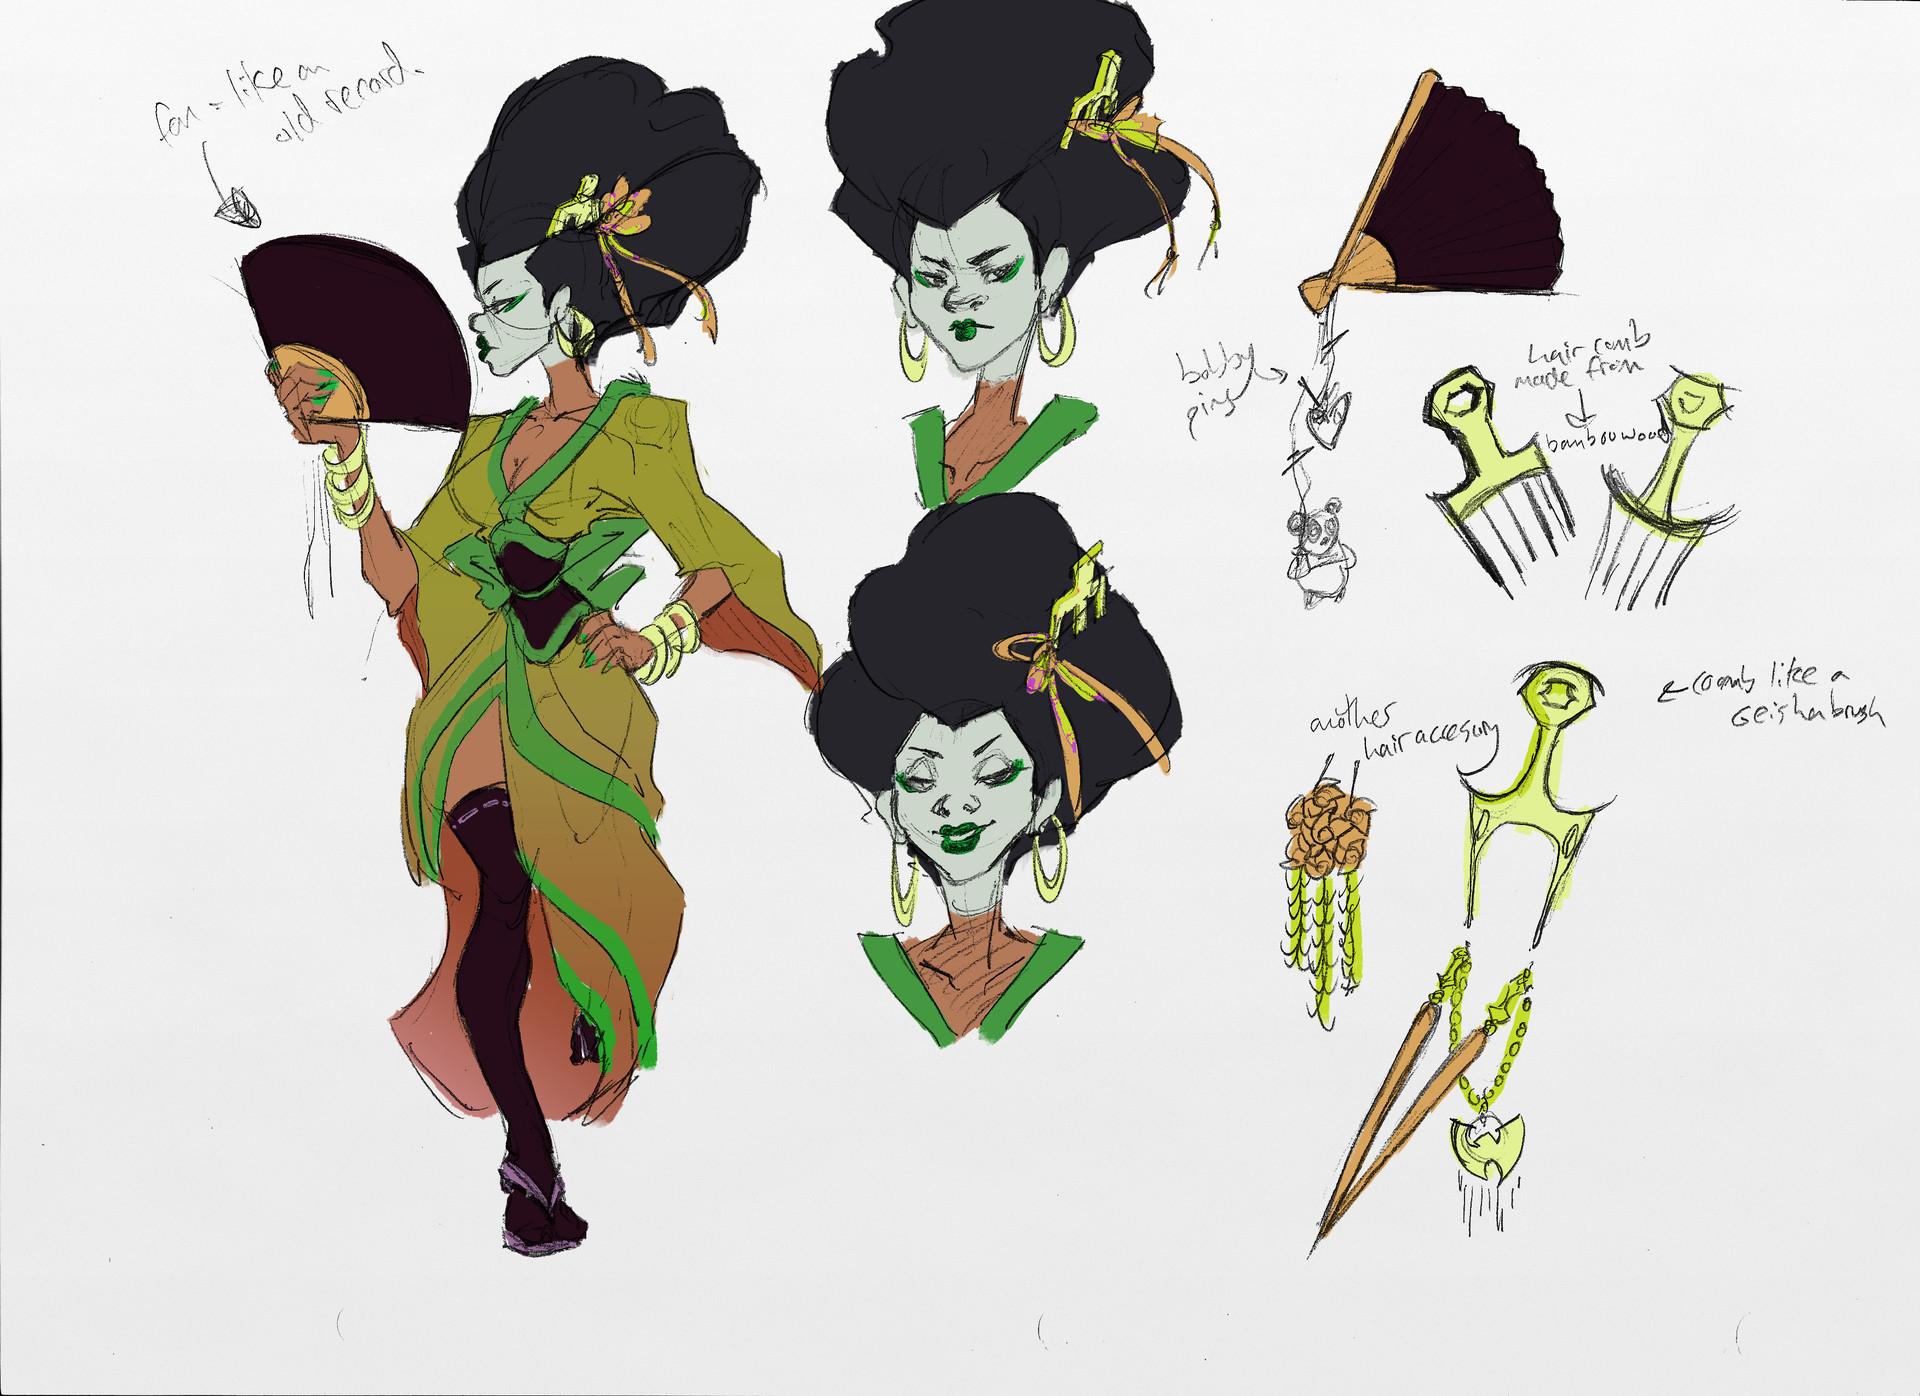 Sandra grunberg geisha girlg